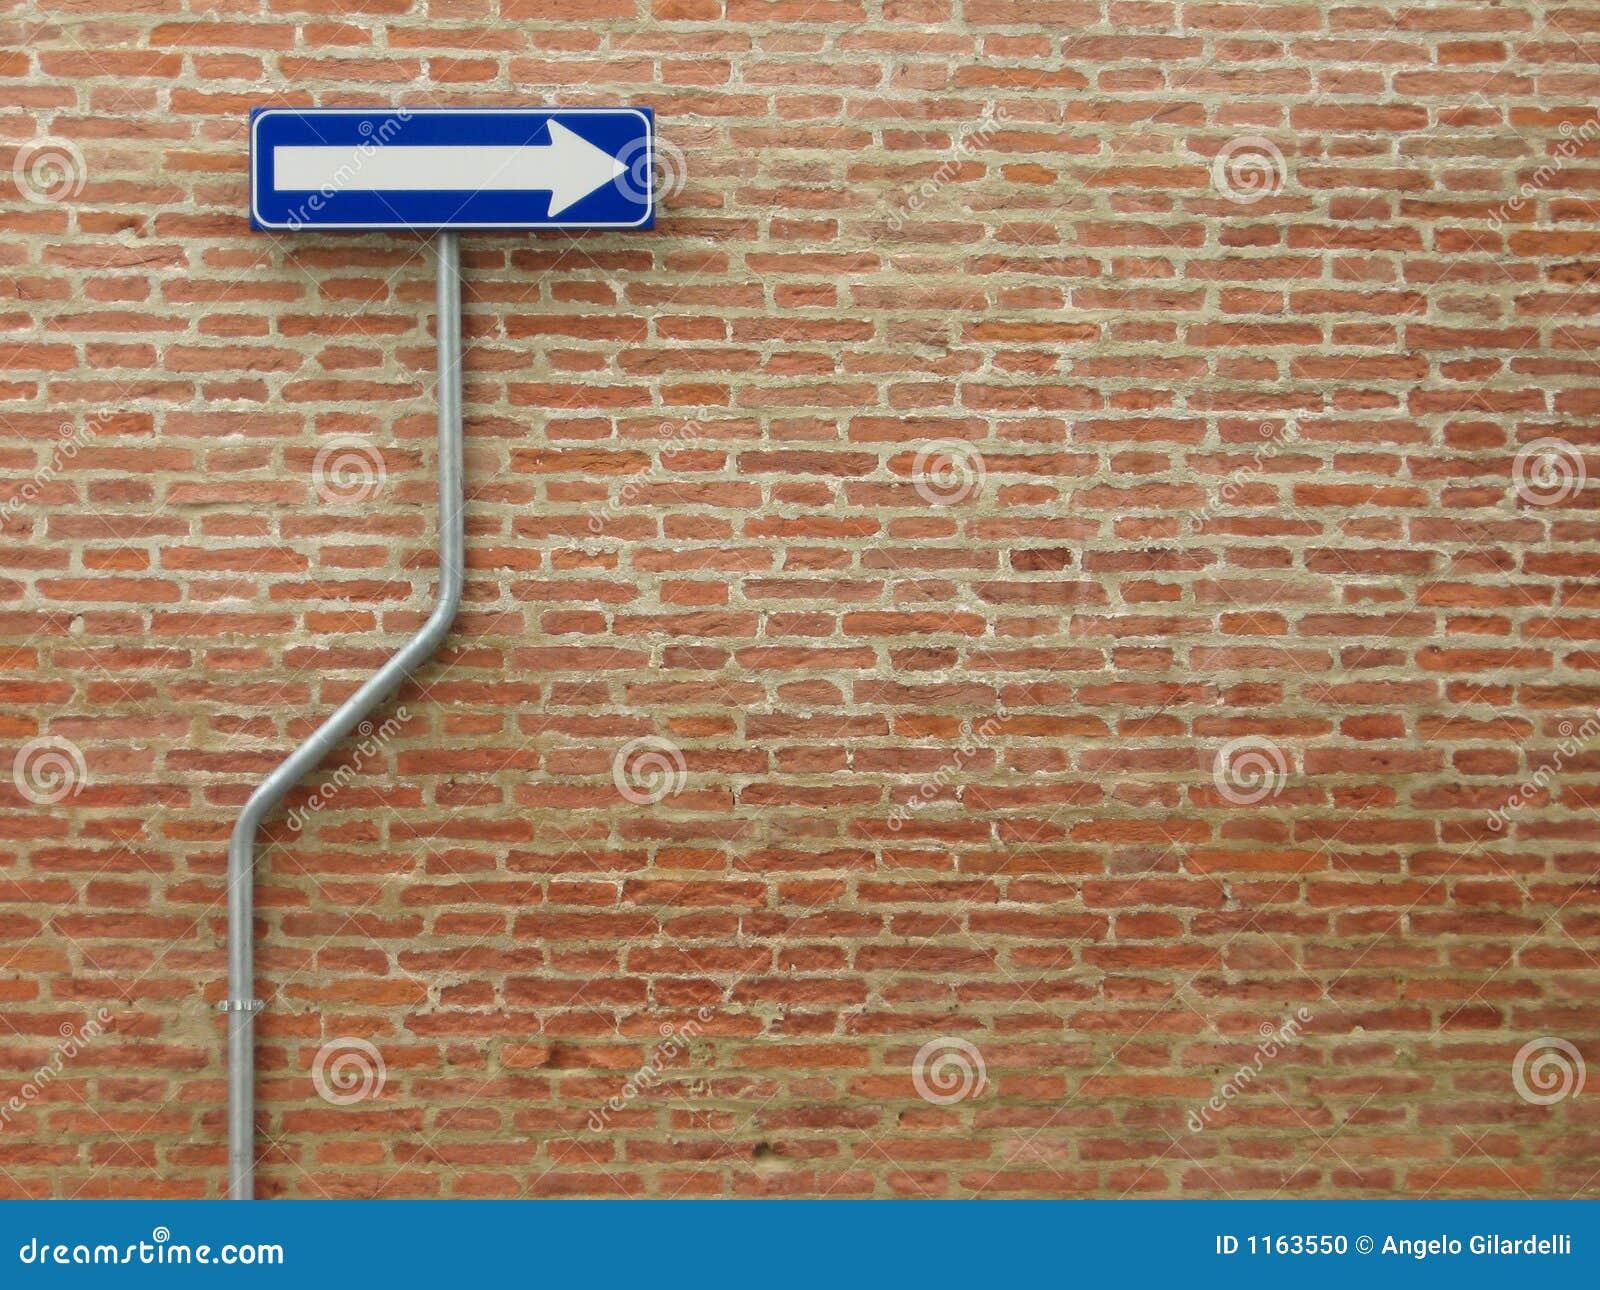 Unidireccional firme encima una pared de ladrillos foto de - Pared de ladrillo ...